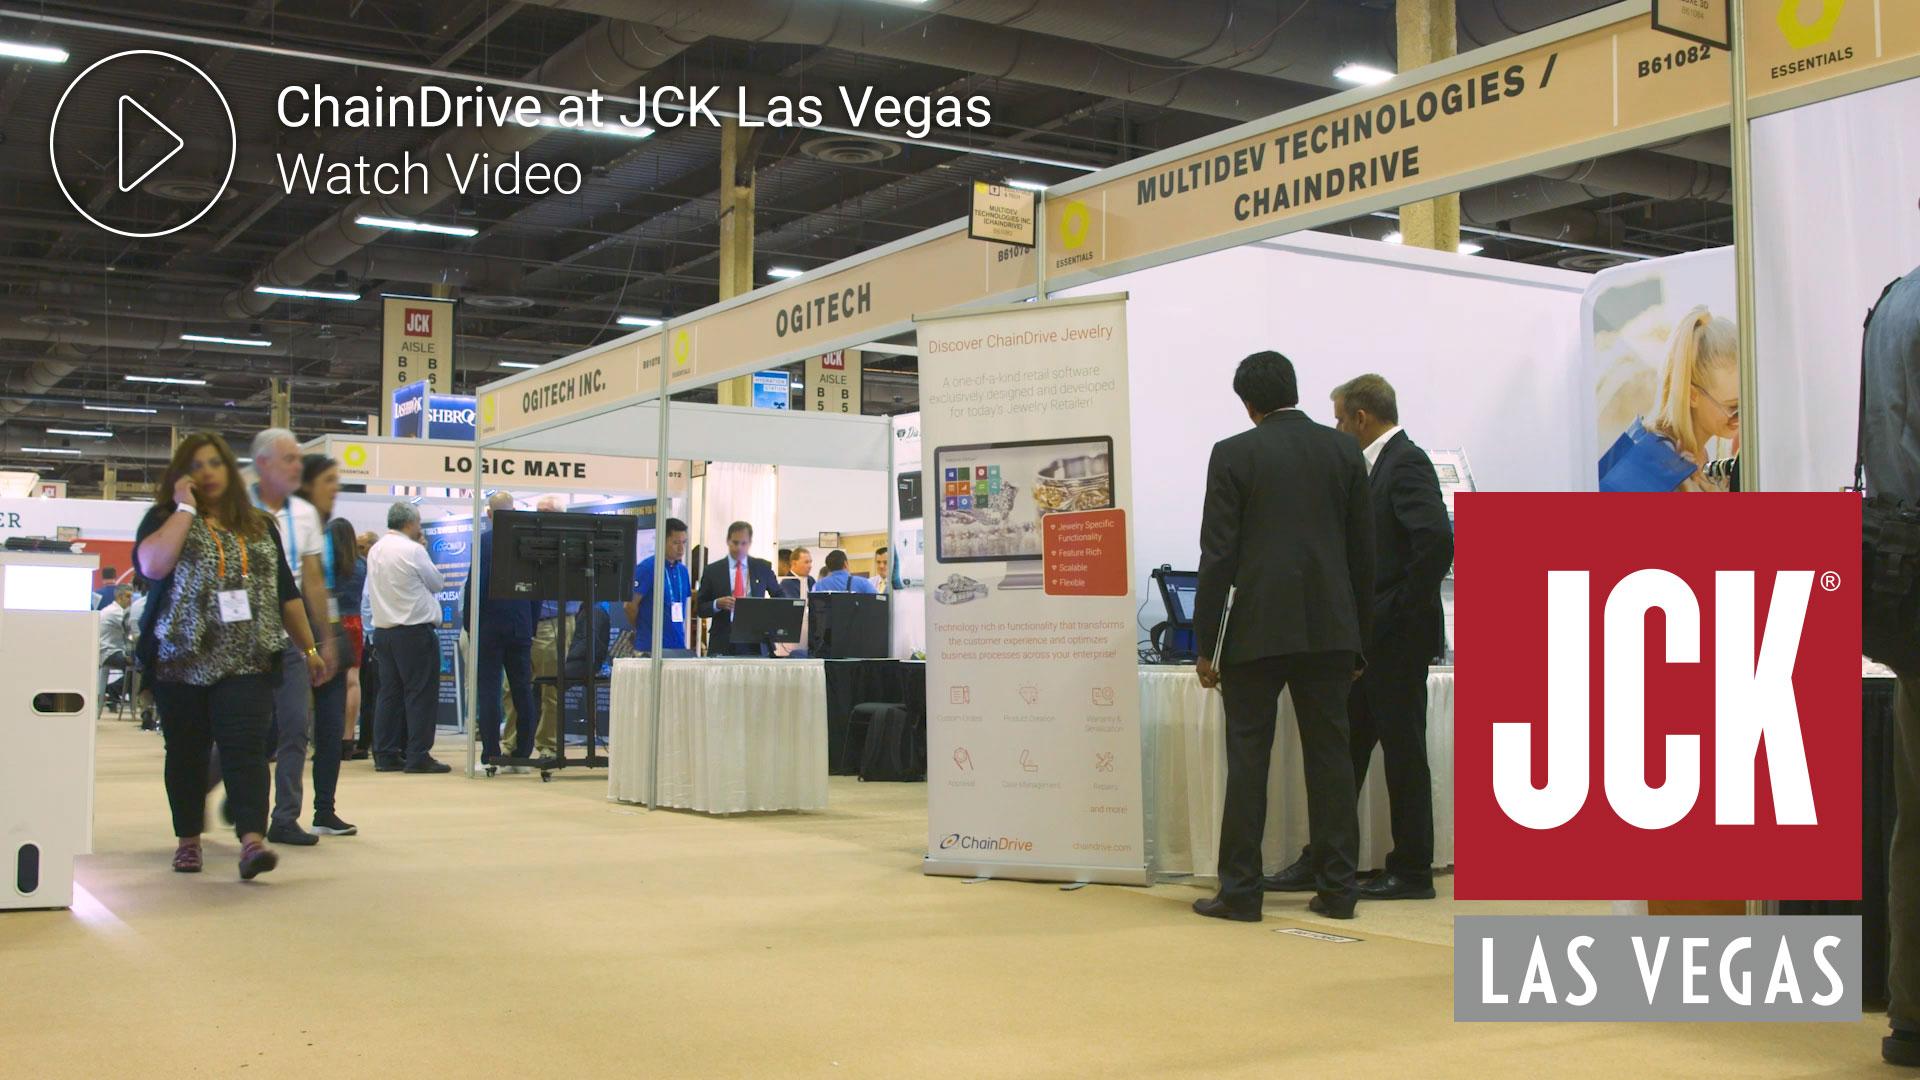 Retail Recources - JCK LAS VEGAS VIDEO